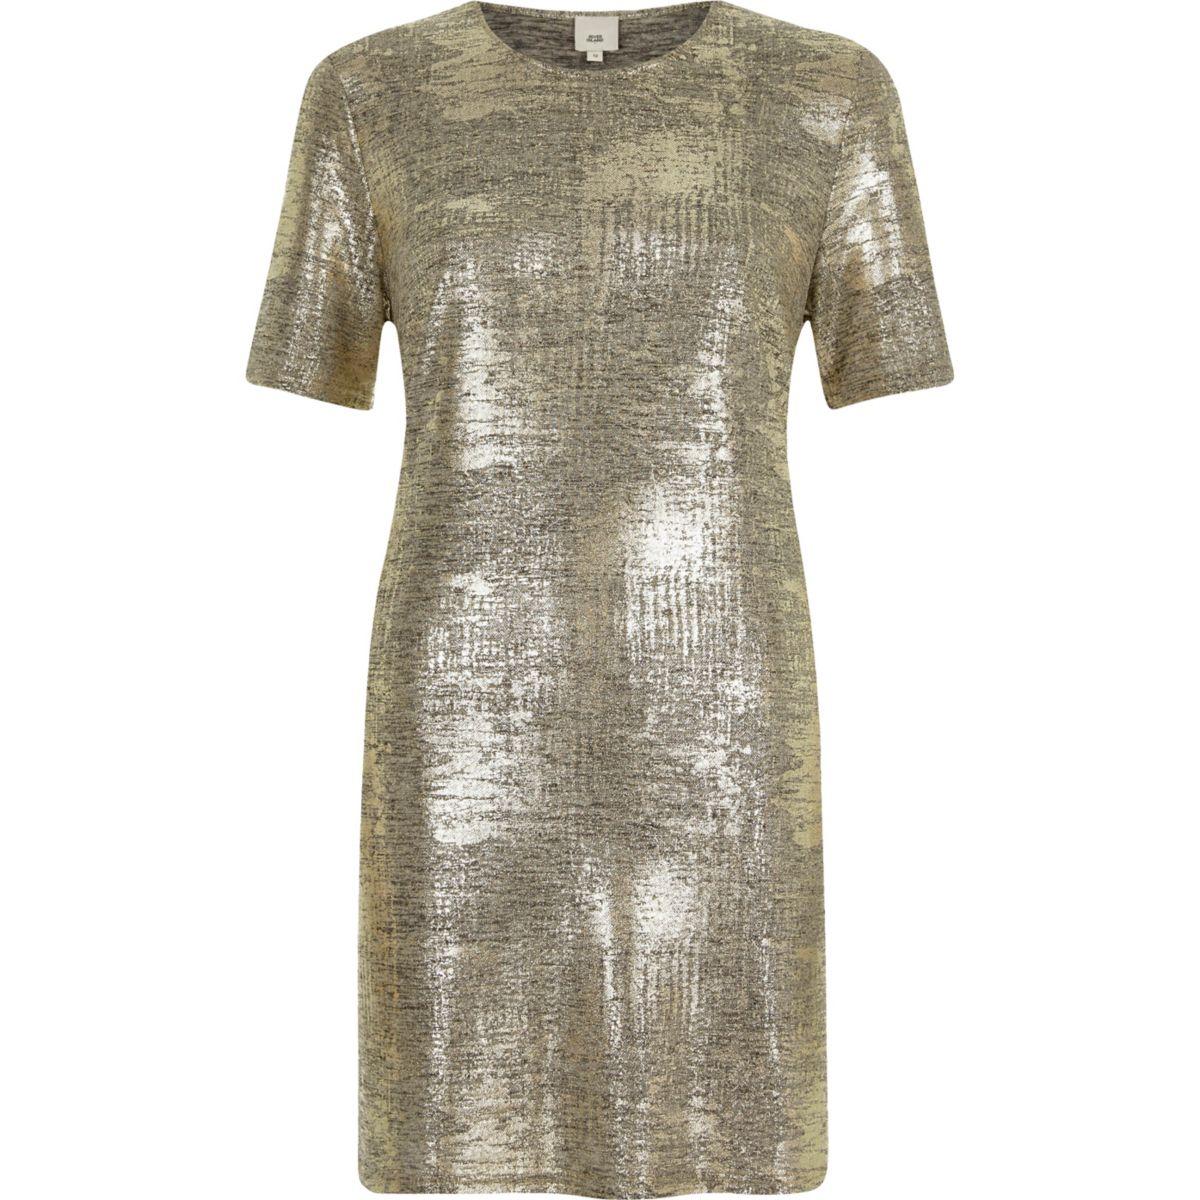 Gold metallic T-shirt dress